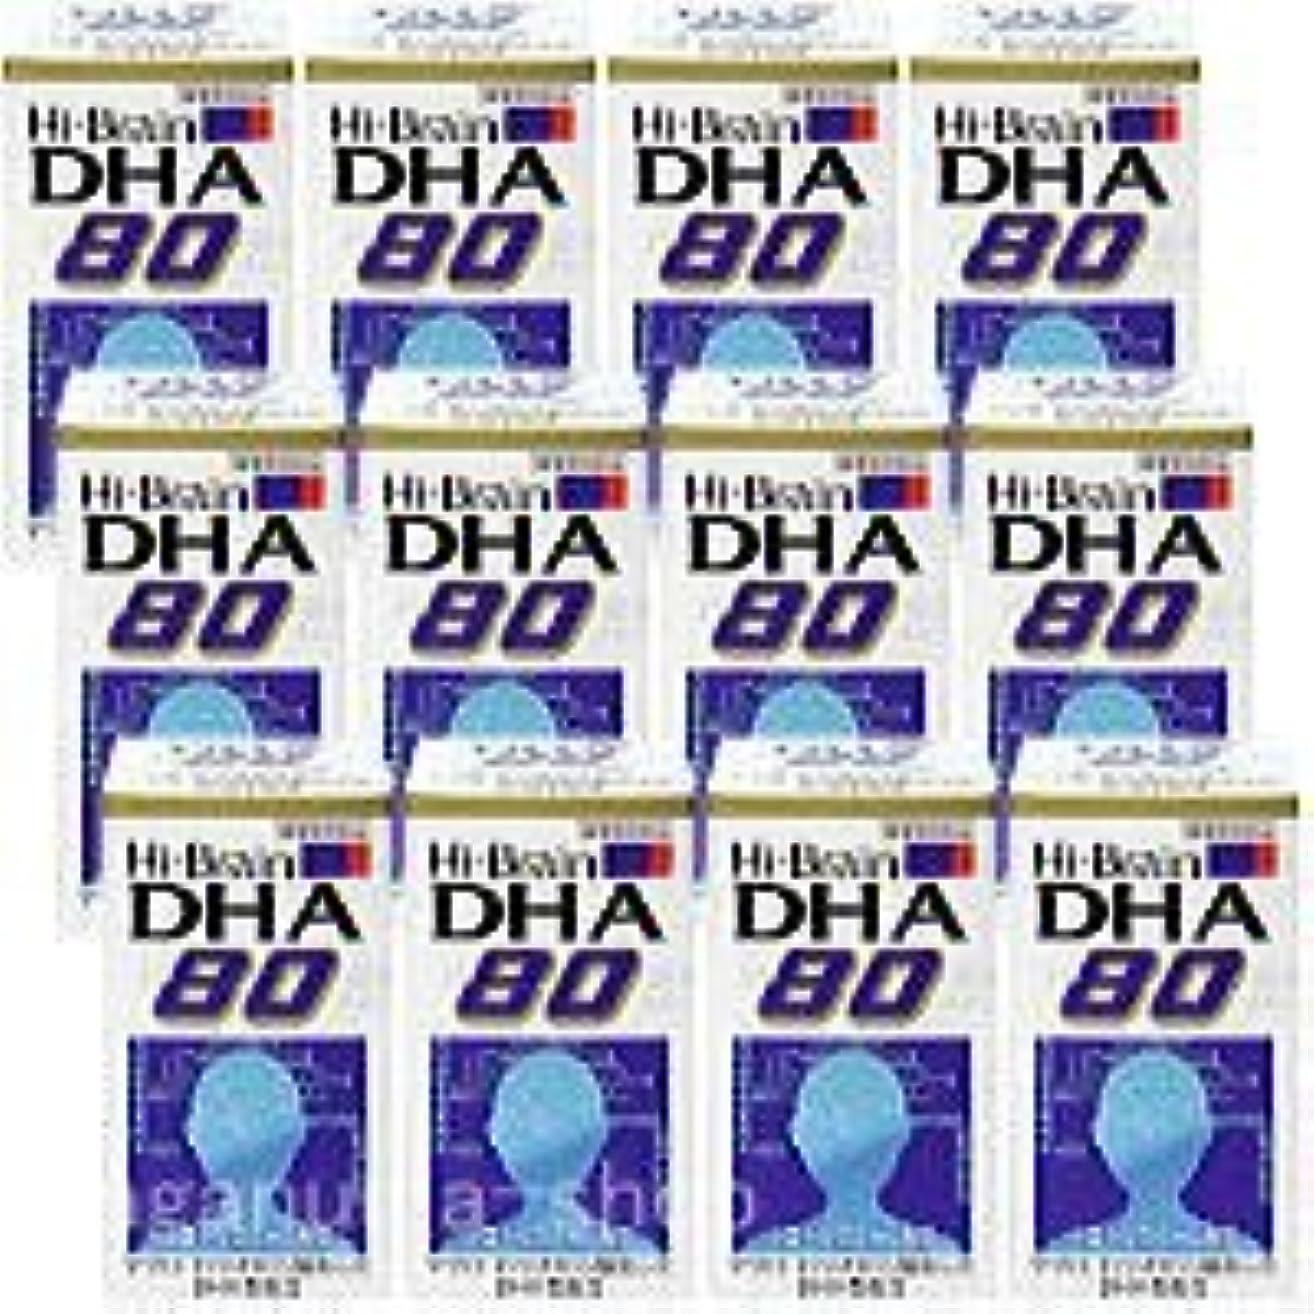 確かな赤瞑想するハイブレーンDHA80 12個